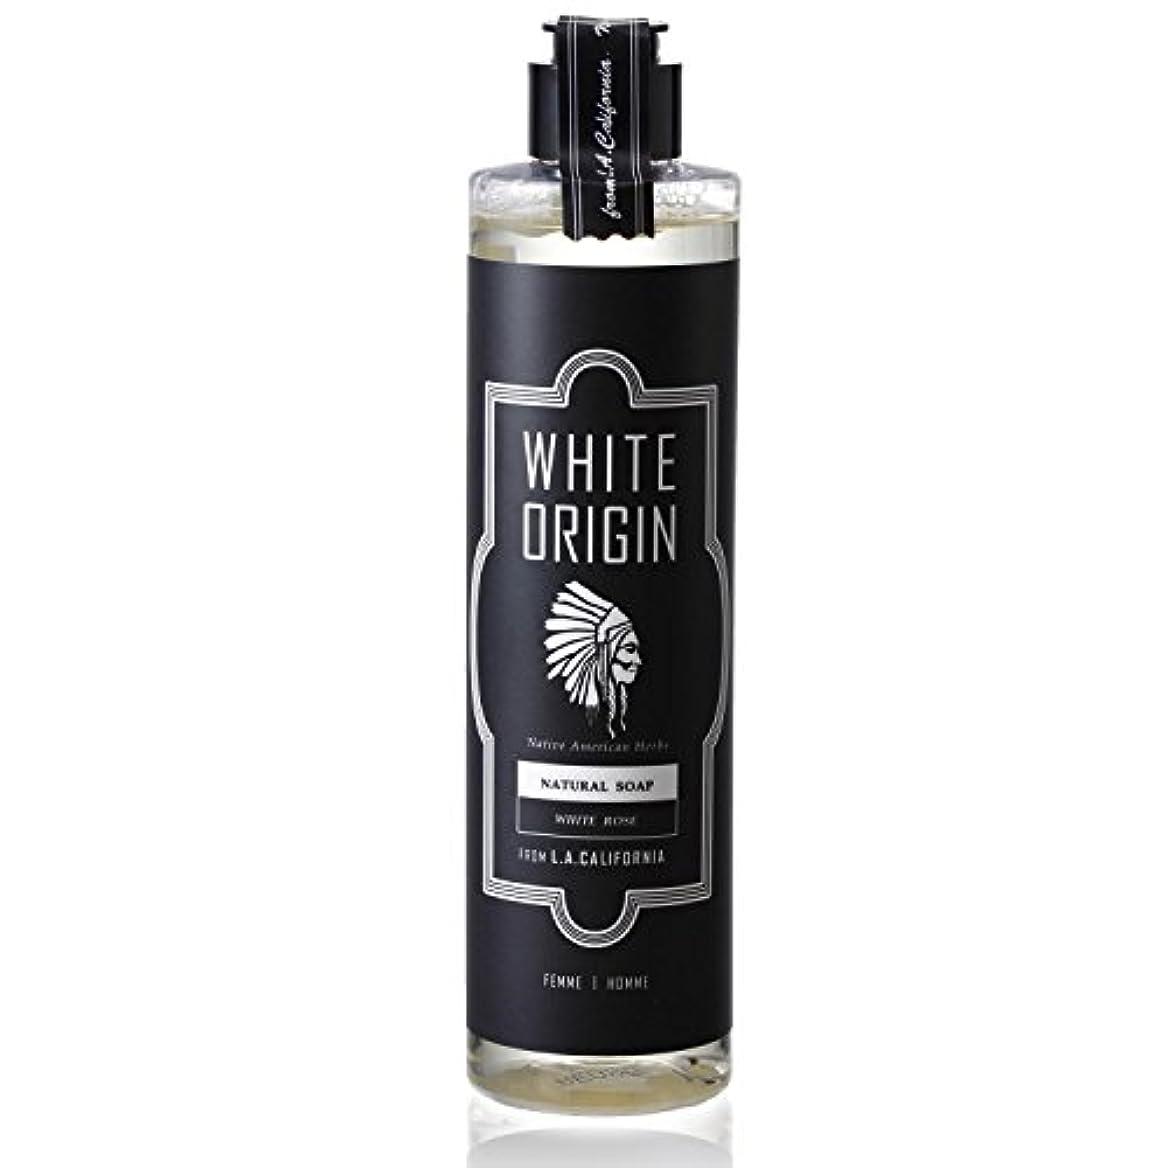 マッシュジョブ補足WHITE ORIGIN ボディソープ 300ml 加齢臭 ケア オーガニック ナチュラル 男前 乾燥 ホワイトローズ